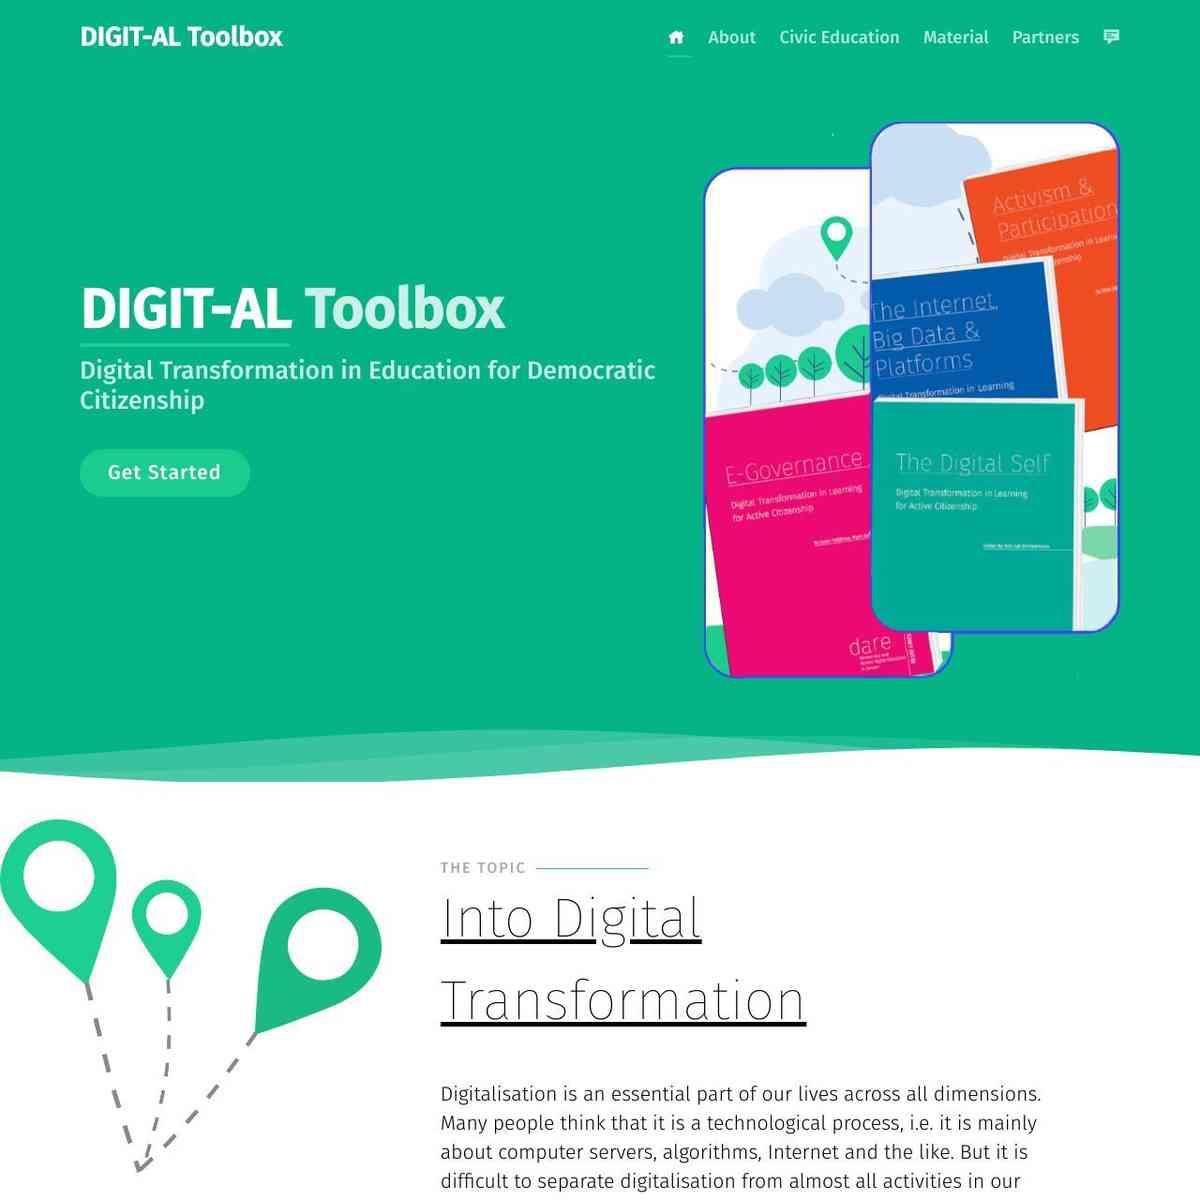 DIGIT-AL Toolbox